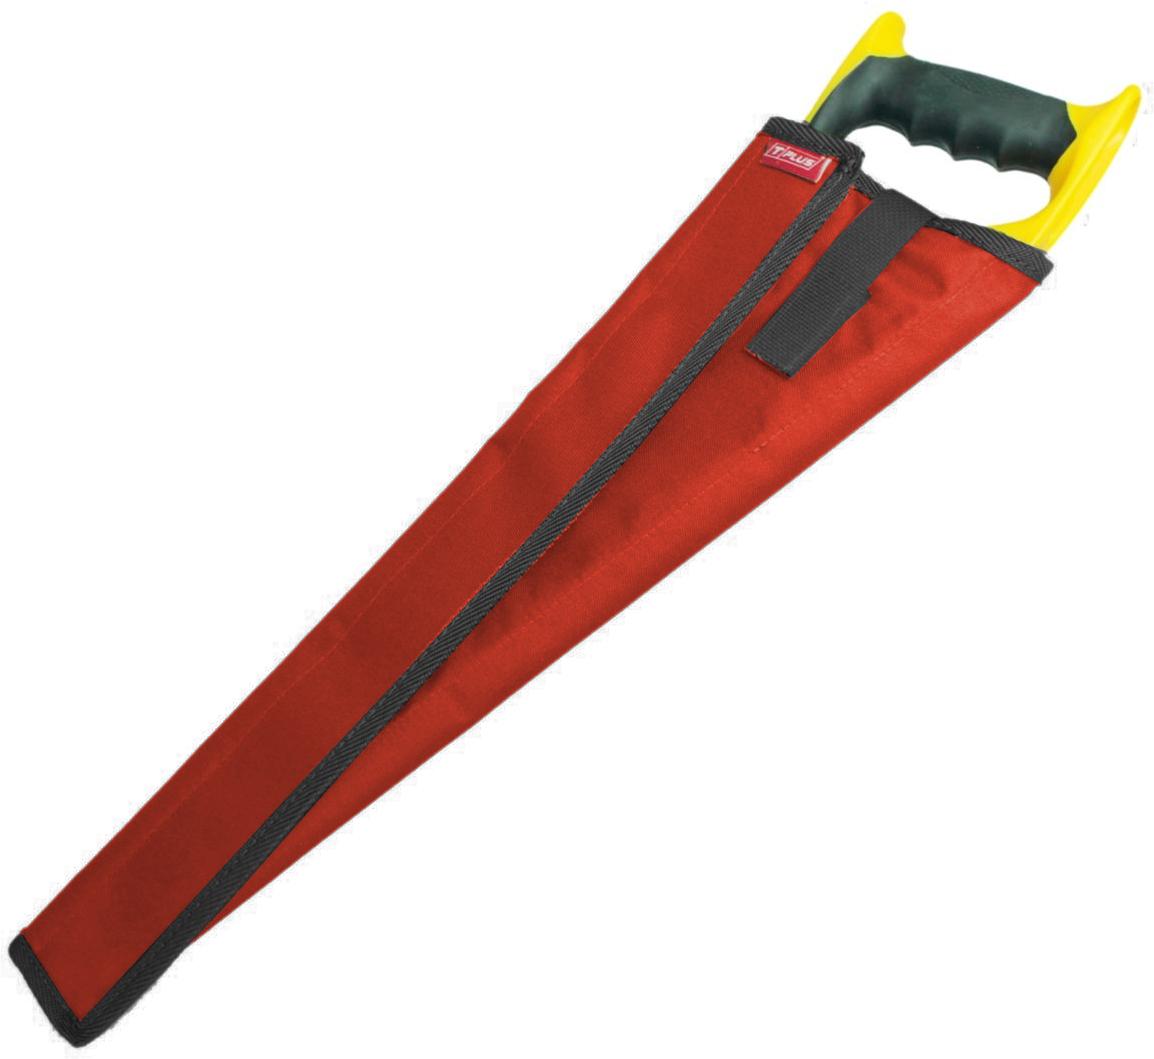 Чехол для ножовки Tplus, оксфорд 600, цвет: красный, 35 см южная скандинавия карта автодорог карта проезда через копенгаген осло стокгольм